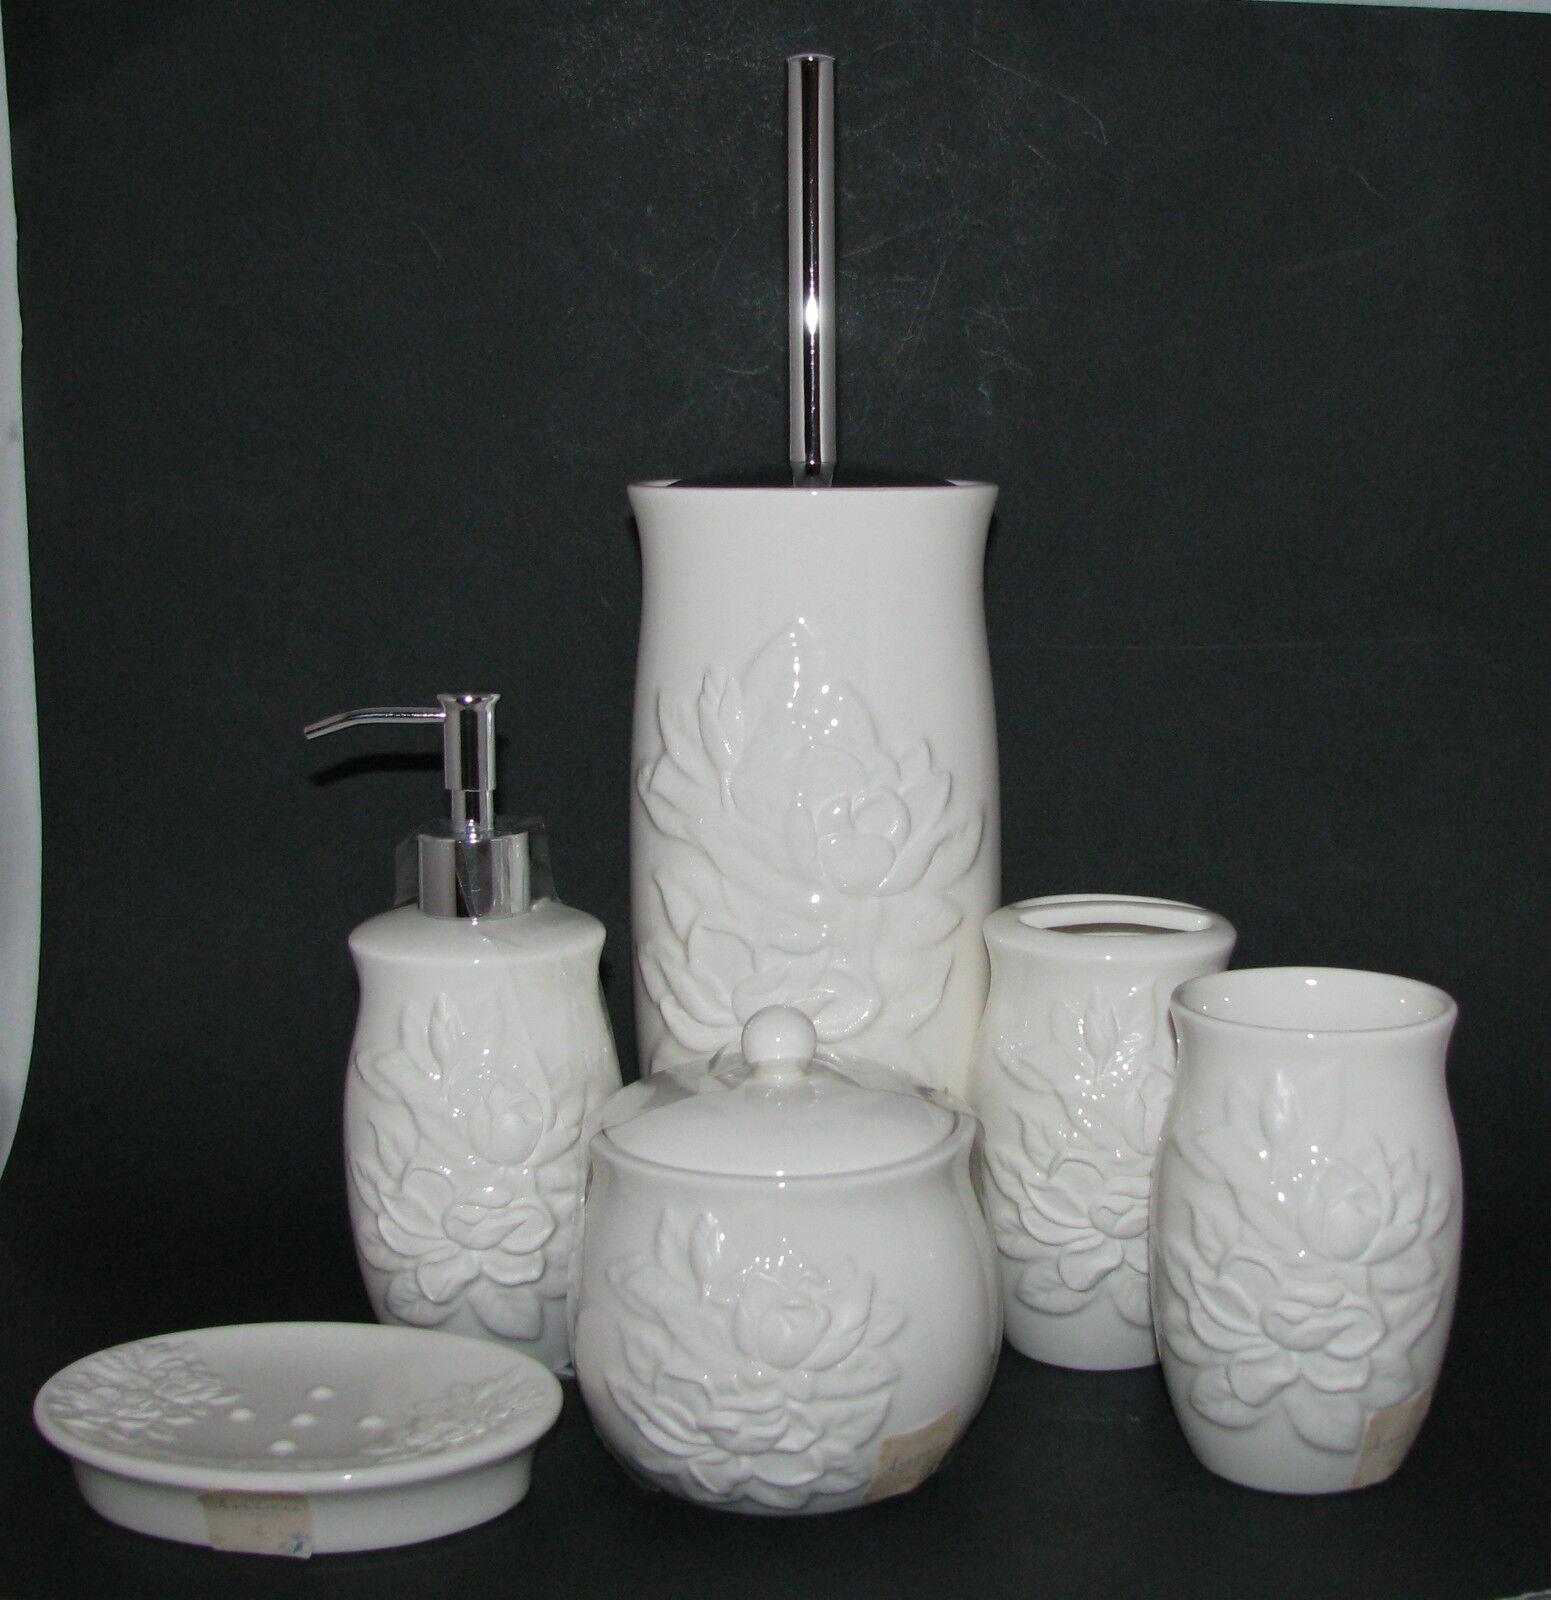 6 Pièces Artistique Ivoire Magnolia Céramique Distributeur de Savon,